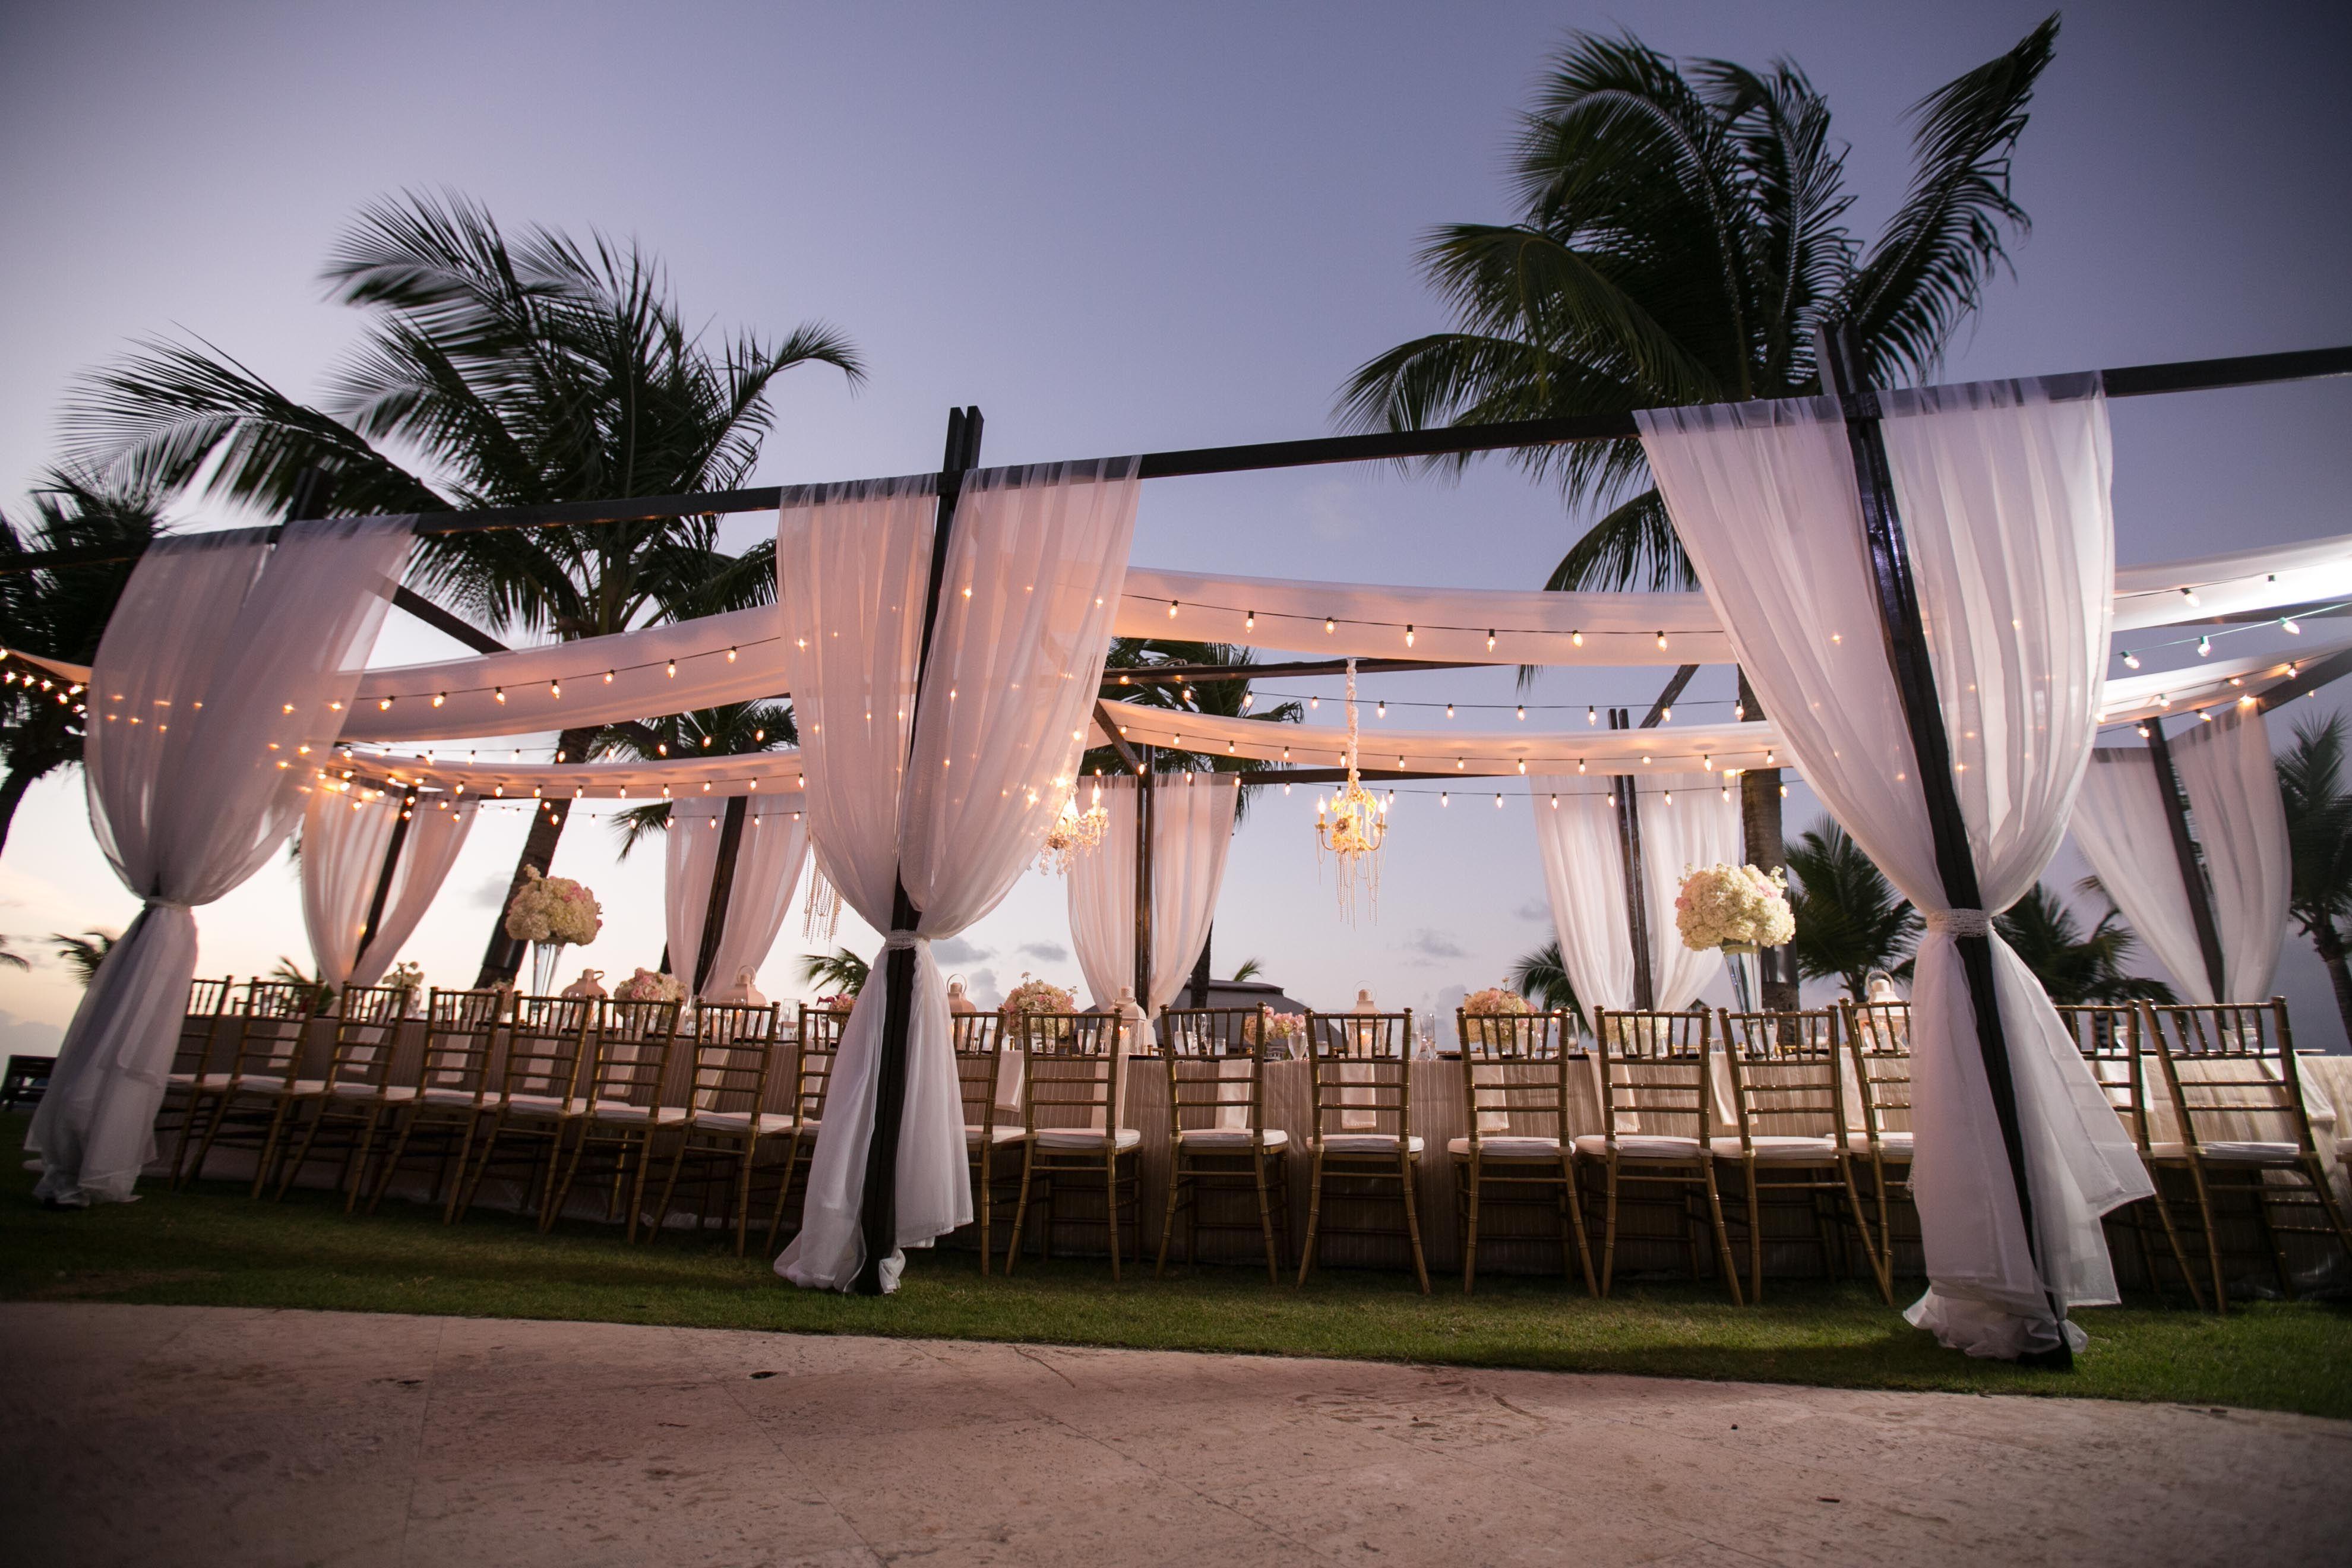 Puerto rico wedding venue ceremony floor plans table settings puerto rico wedding venue ceremony floor plans junglespirit Gallery